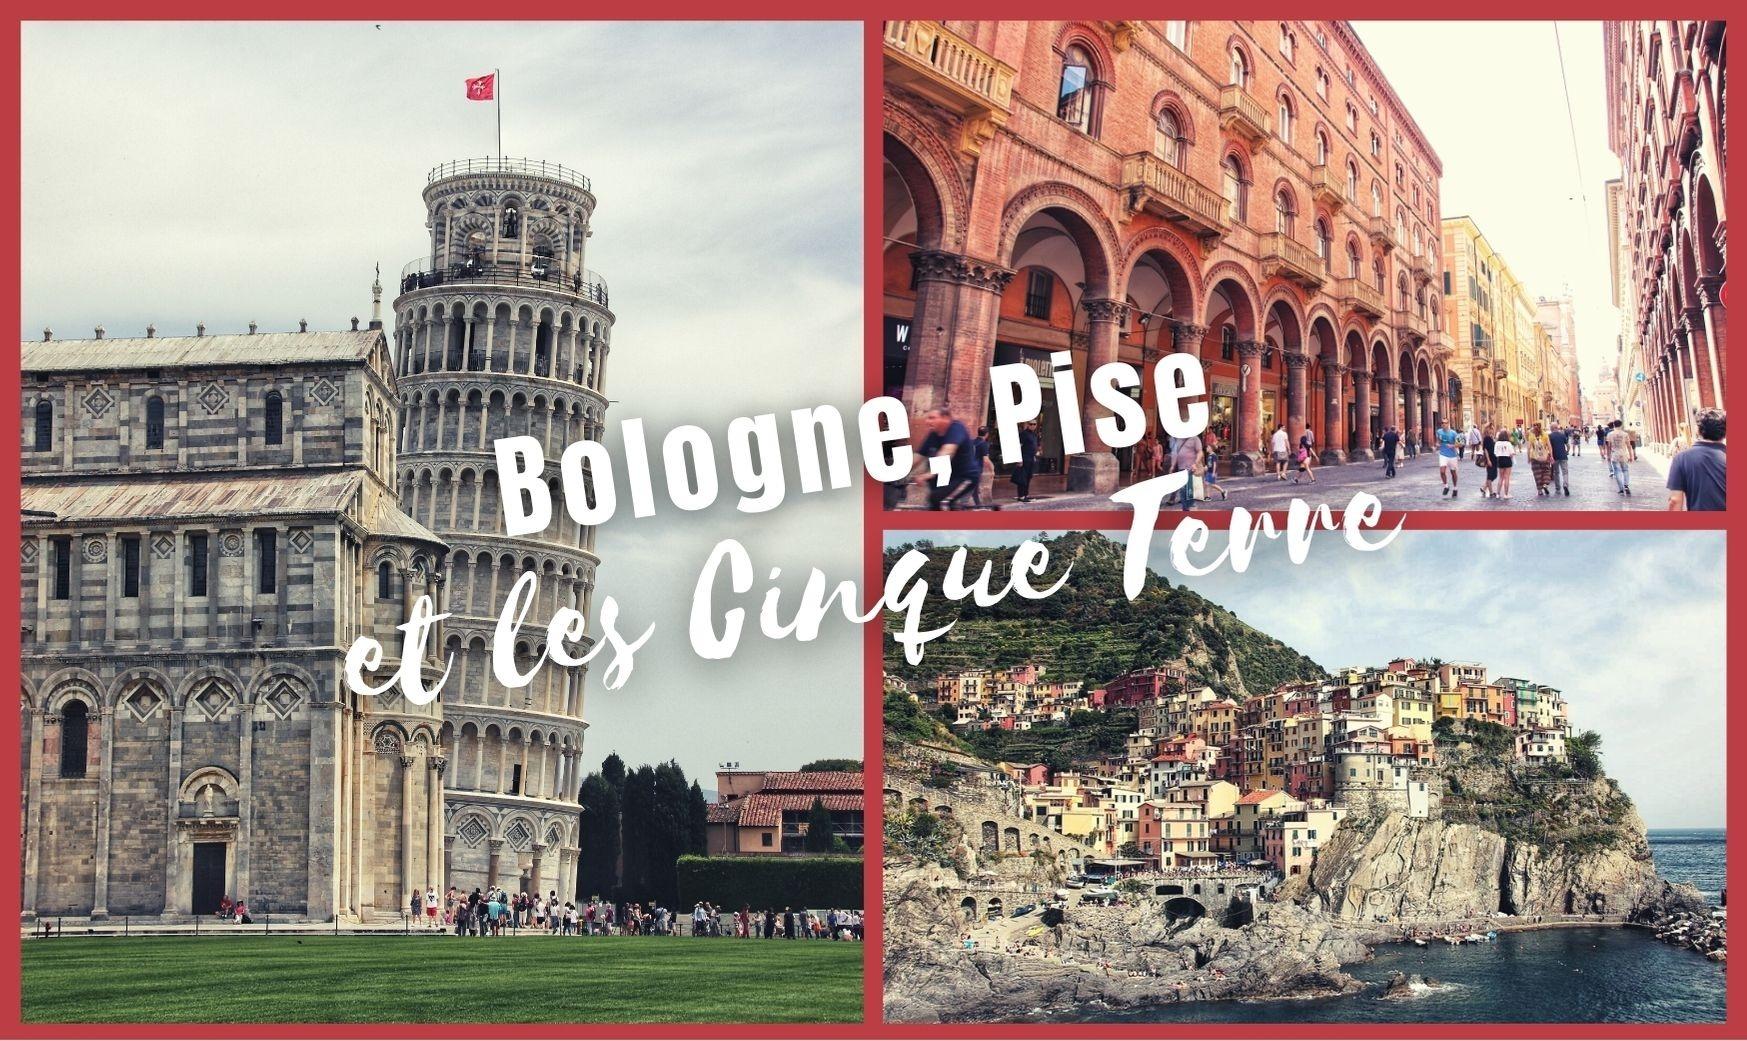 Illustration article Italie du Nord - Bologne, Pise et Cinque Terre 2019